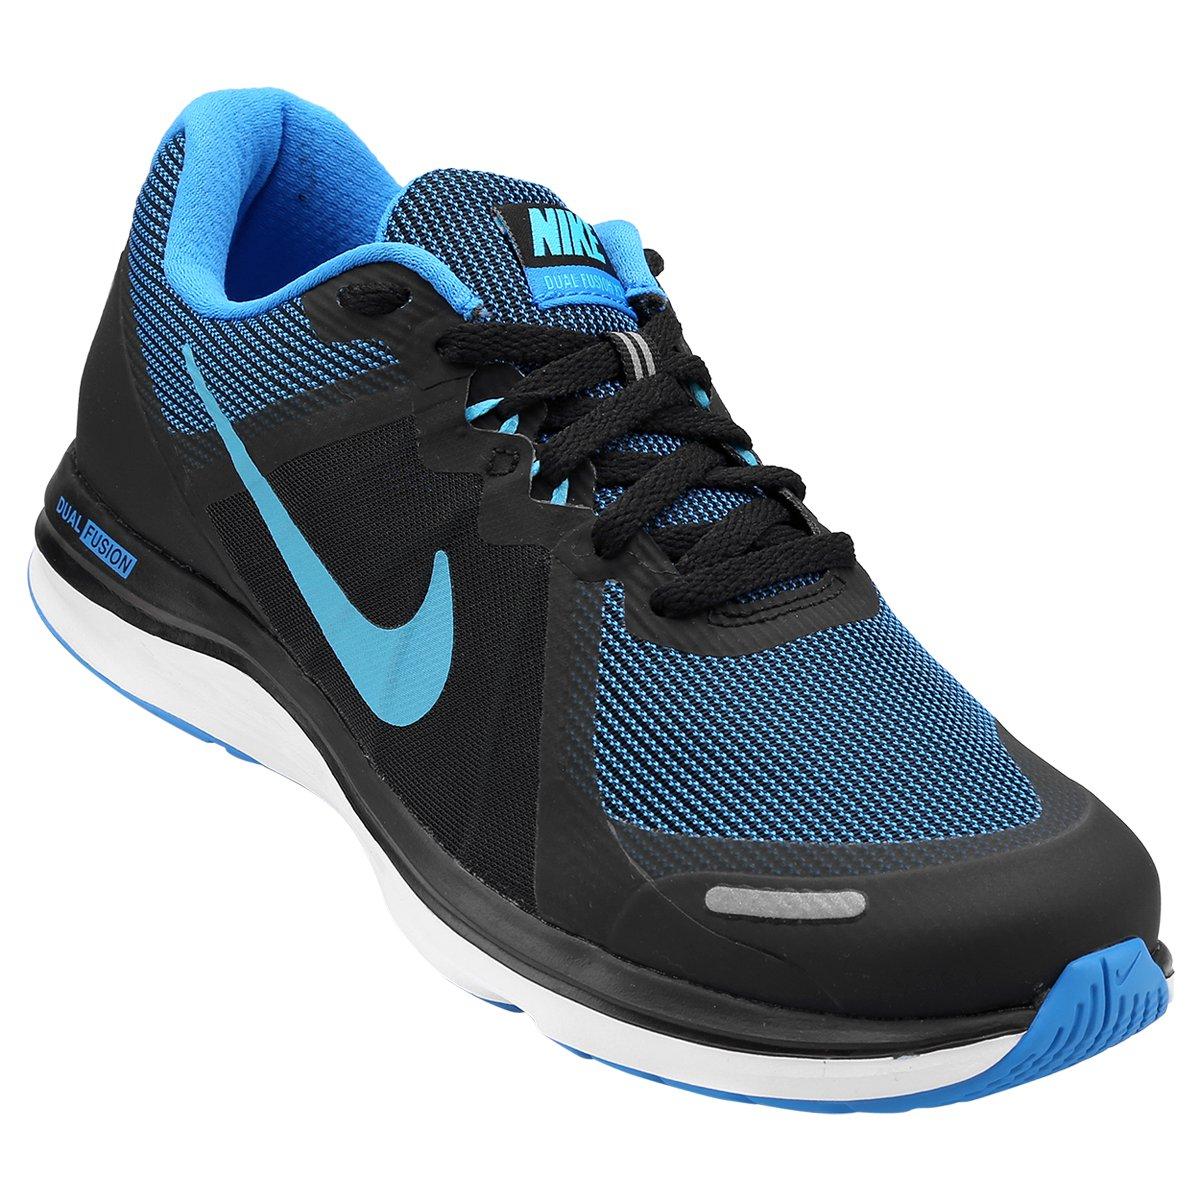 15819a5998 Tênis Nike Dual Fusion X 2 Feminino - Compre Agora